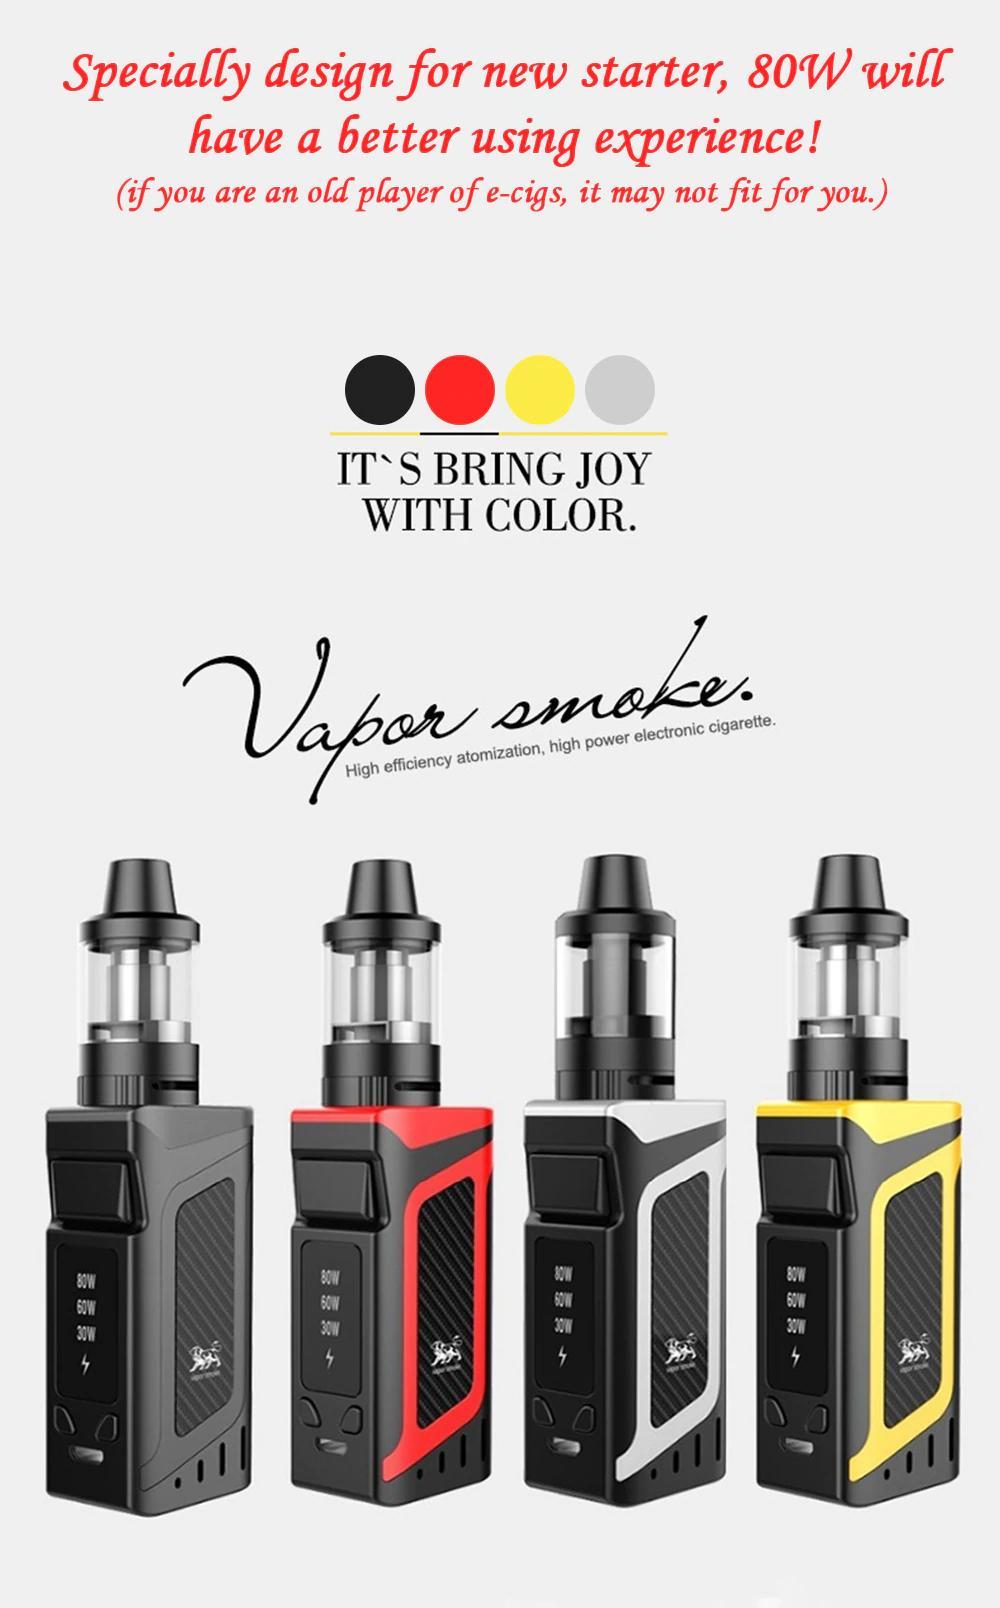 DOTENT VK Vape Kit Shisha Pen Hookah 80W Starter Kit 2000mAh Battery 510  Metal Body 3 5ml Atomizer Electronic Cigarette Vape Black